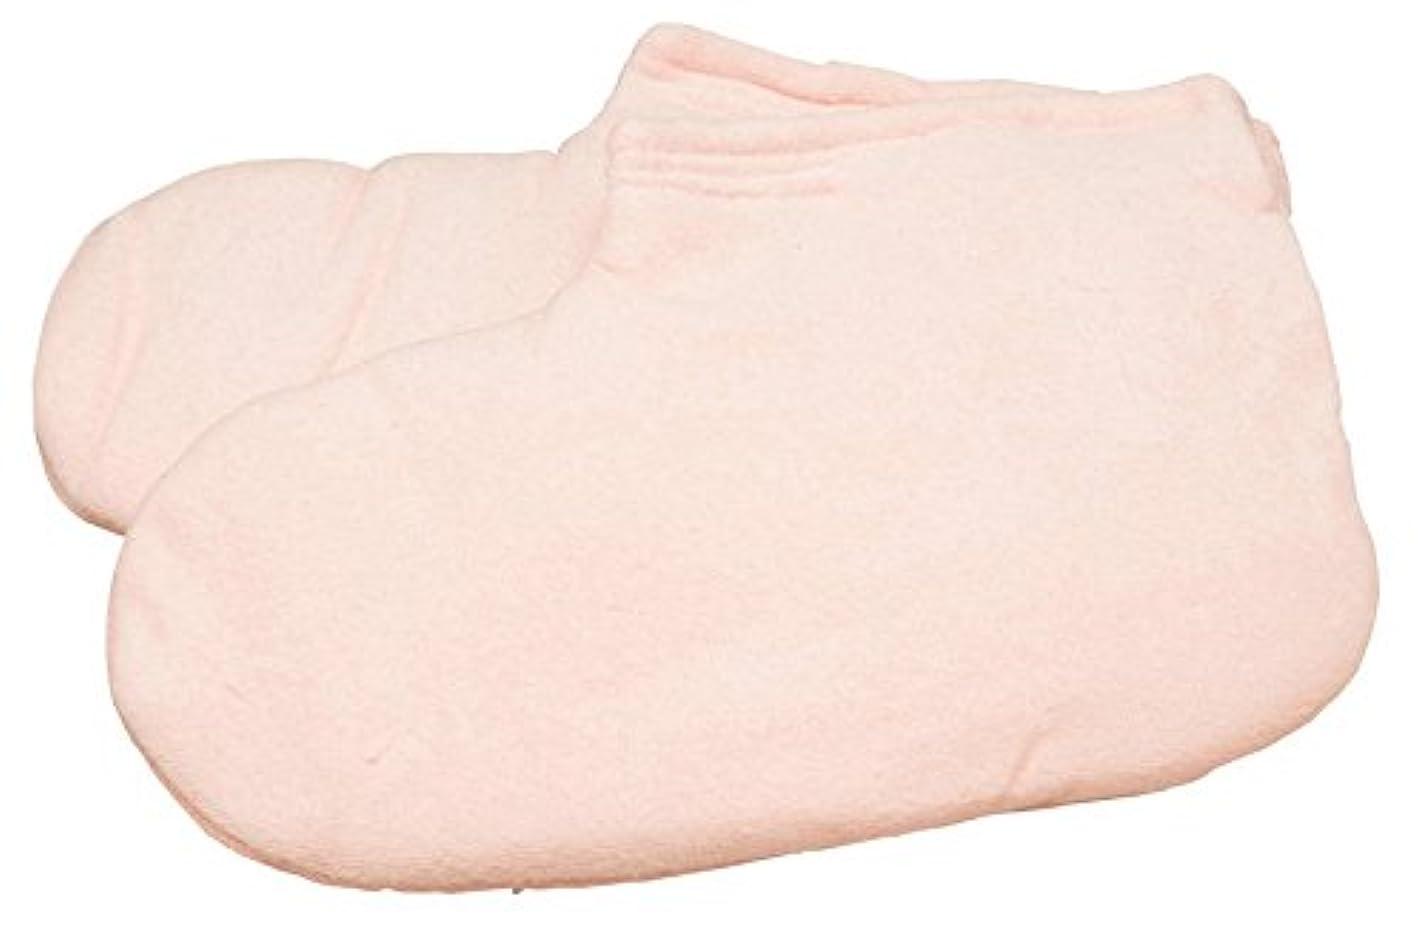 定義調査毛布【コットンブーツ フットミトン】 保湿 フットケア かかと角質 パラフィンパック (ピンク 両足用 )